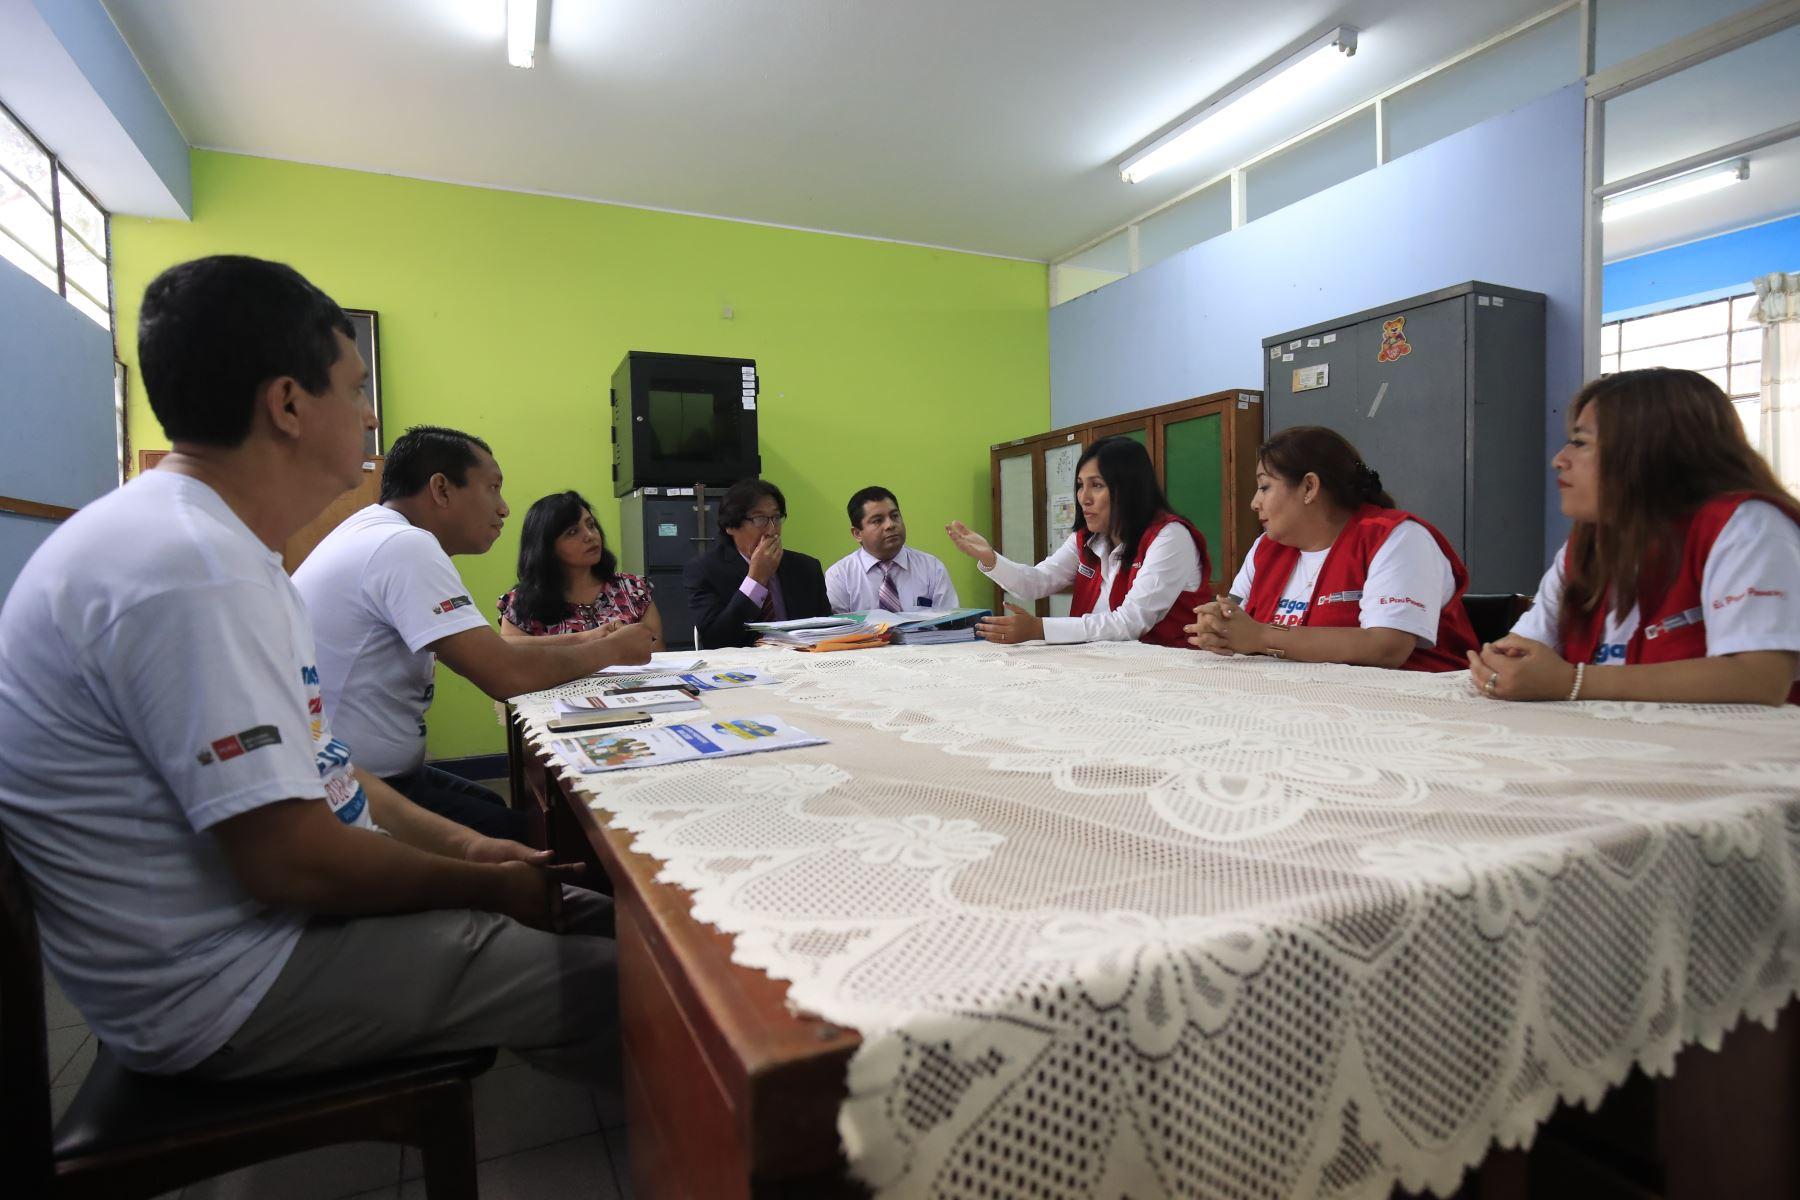 Ministra de Educación, Flor Pablo supervisa situación de instituciones educativas públicas de Lima Metropolitana, con la finalidad de garantizar el Buen Inicio del Año Escolar 2020. Foto: ANDINA/Juan Carlos Guzmán